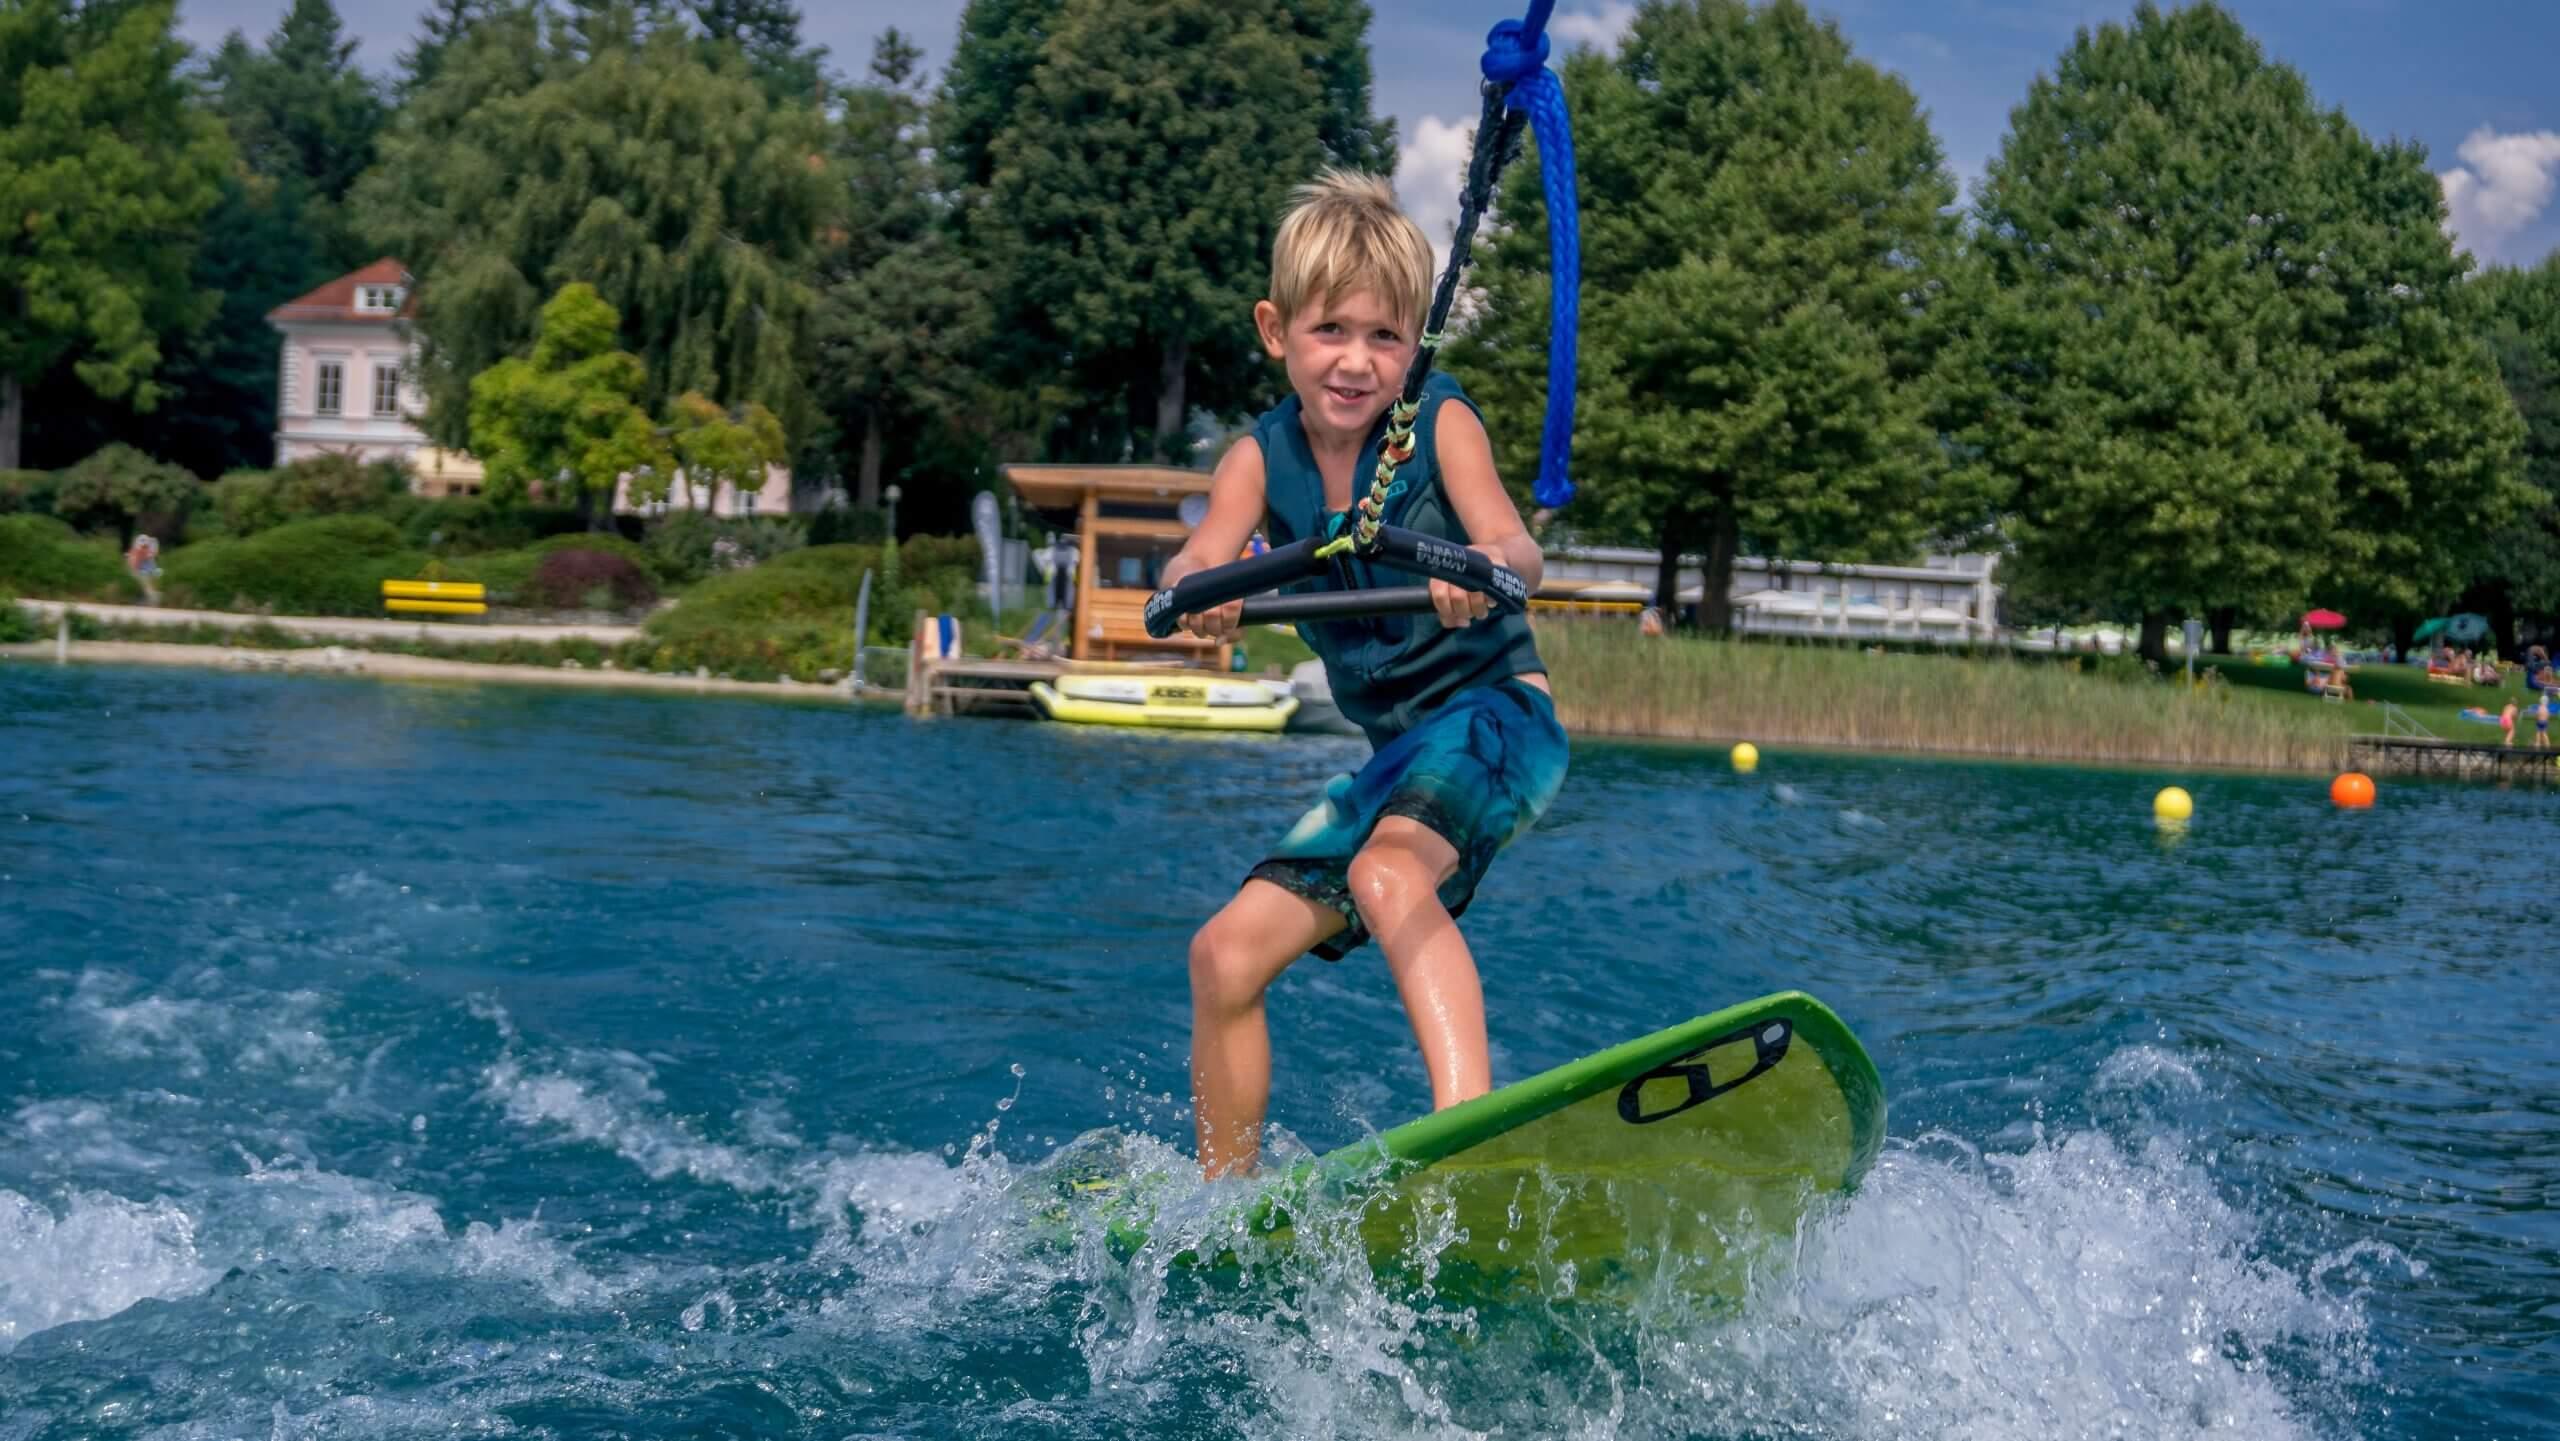 Der 7 jährige David beim Wakesurfen bei SEEsport am Wörthersee.